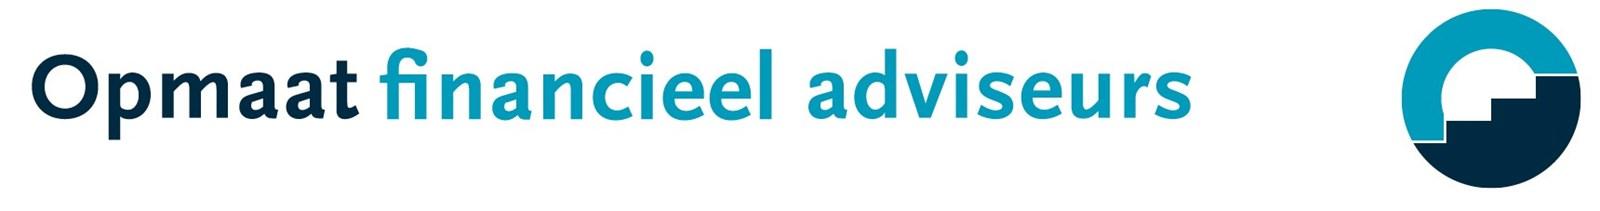 Logo van Opmaat financieel adviseurs De Meern